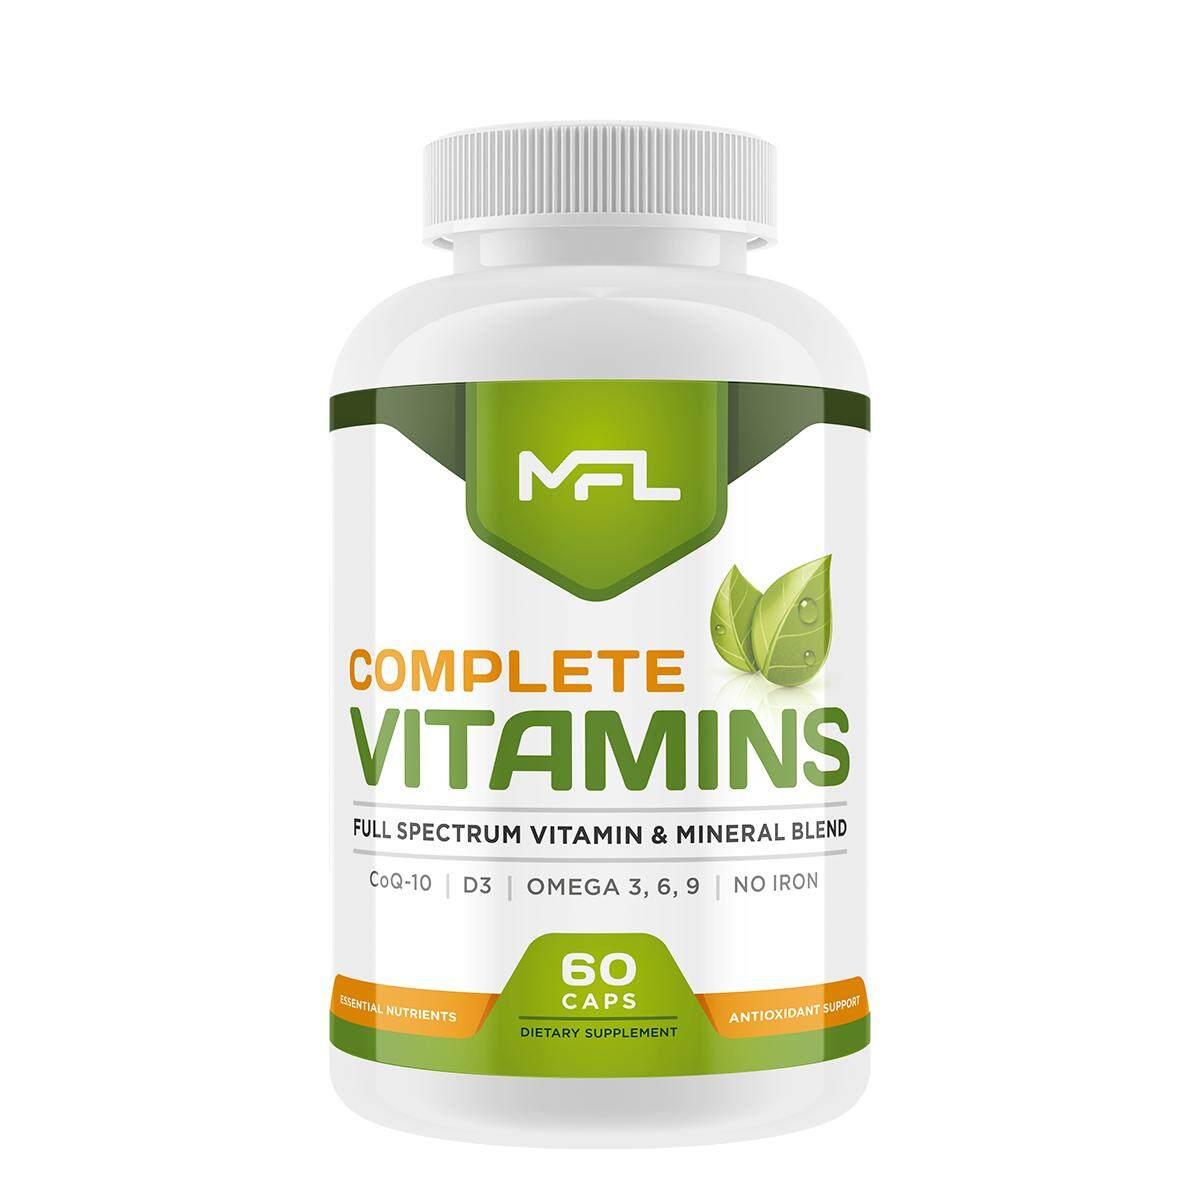 วิตามมินรวม MFL COMPLETE VITAMINS 60 CAPS